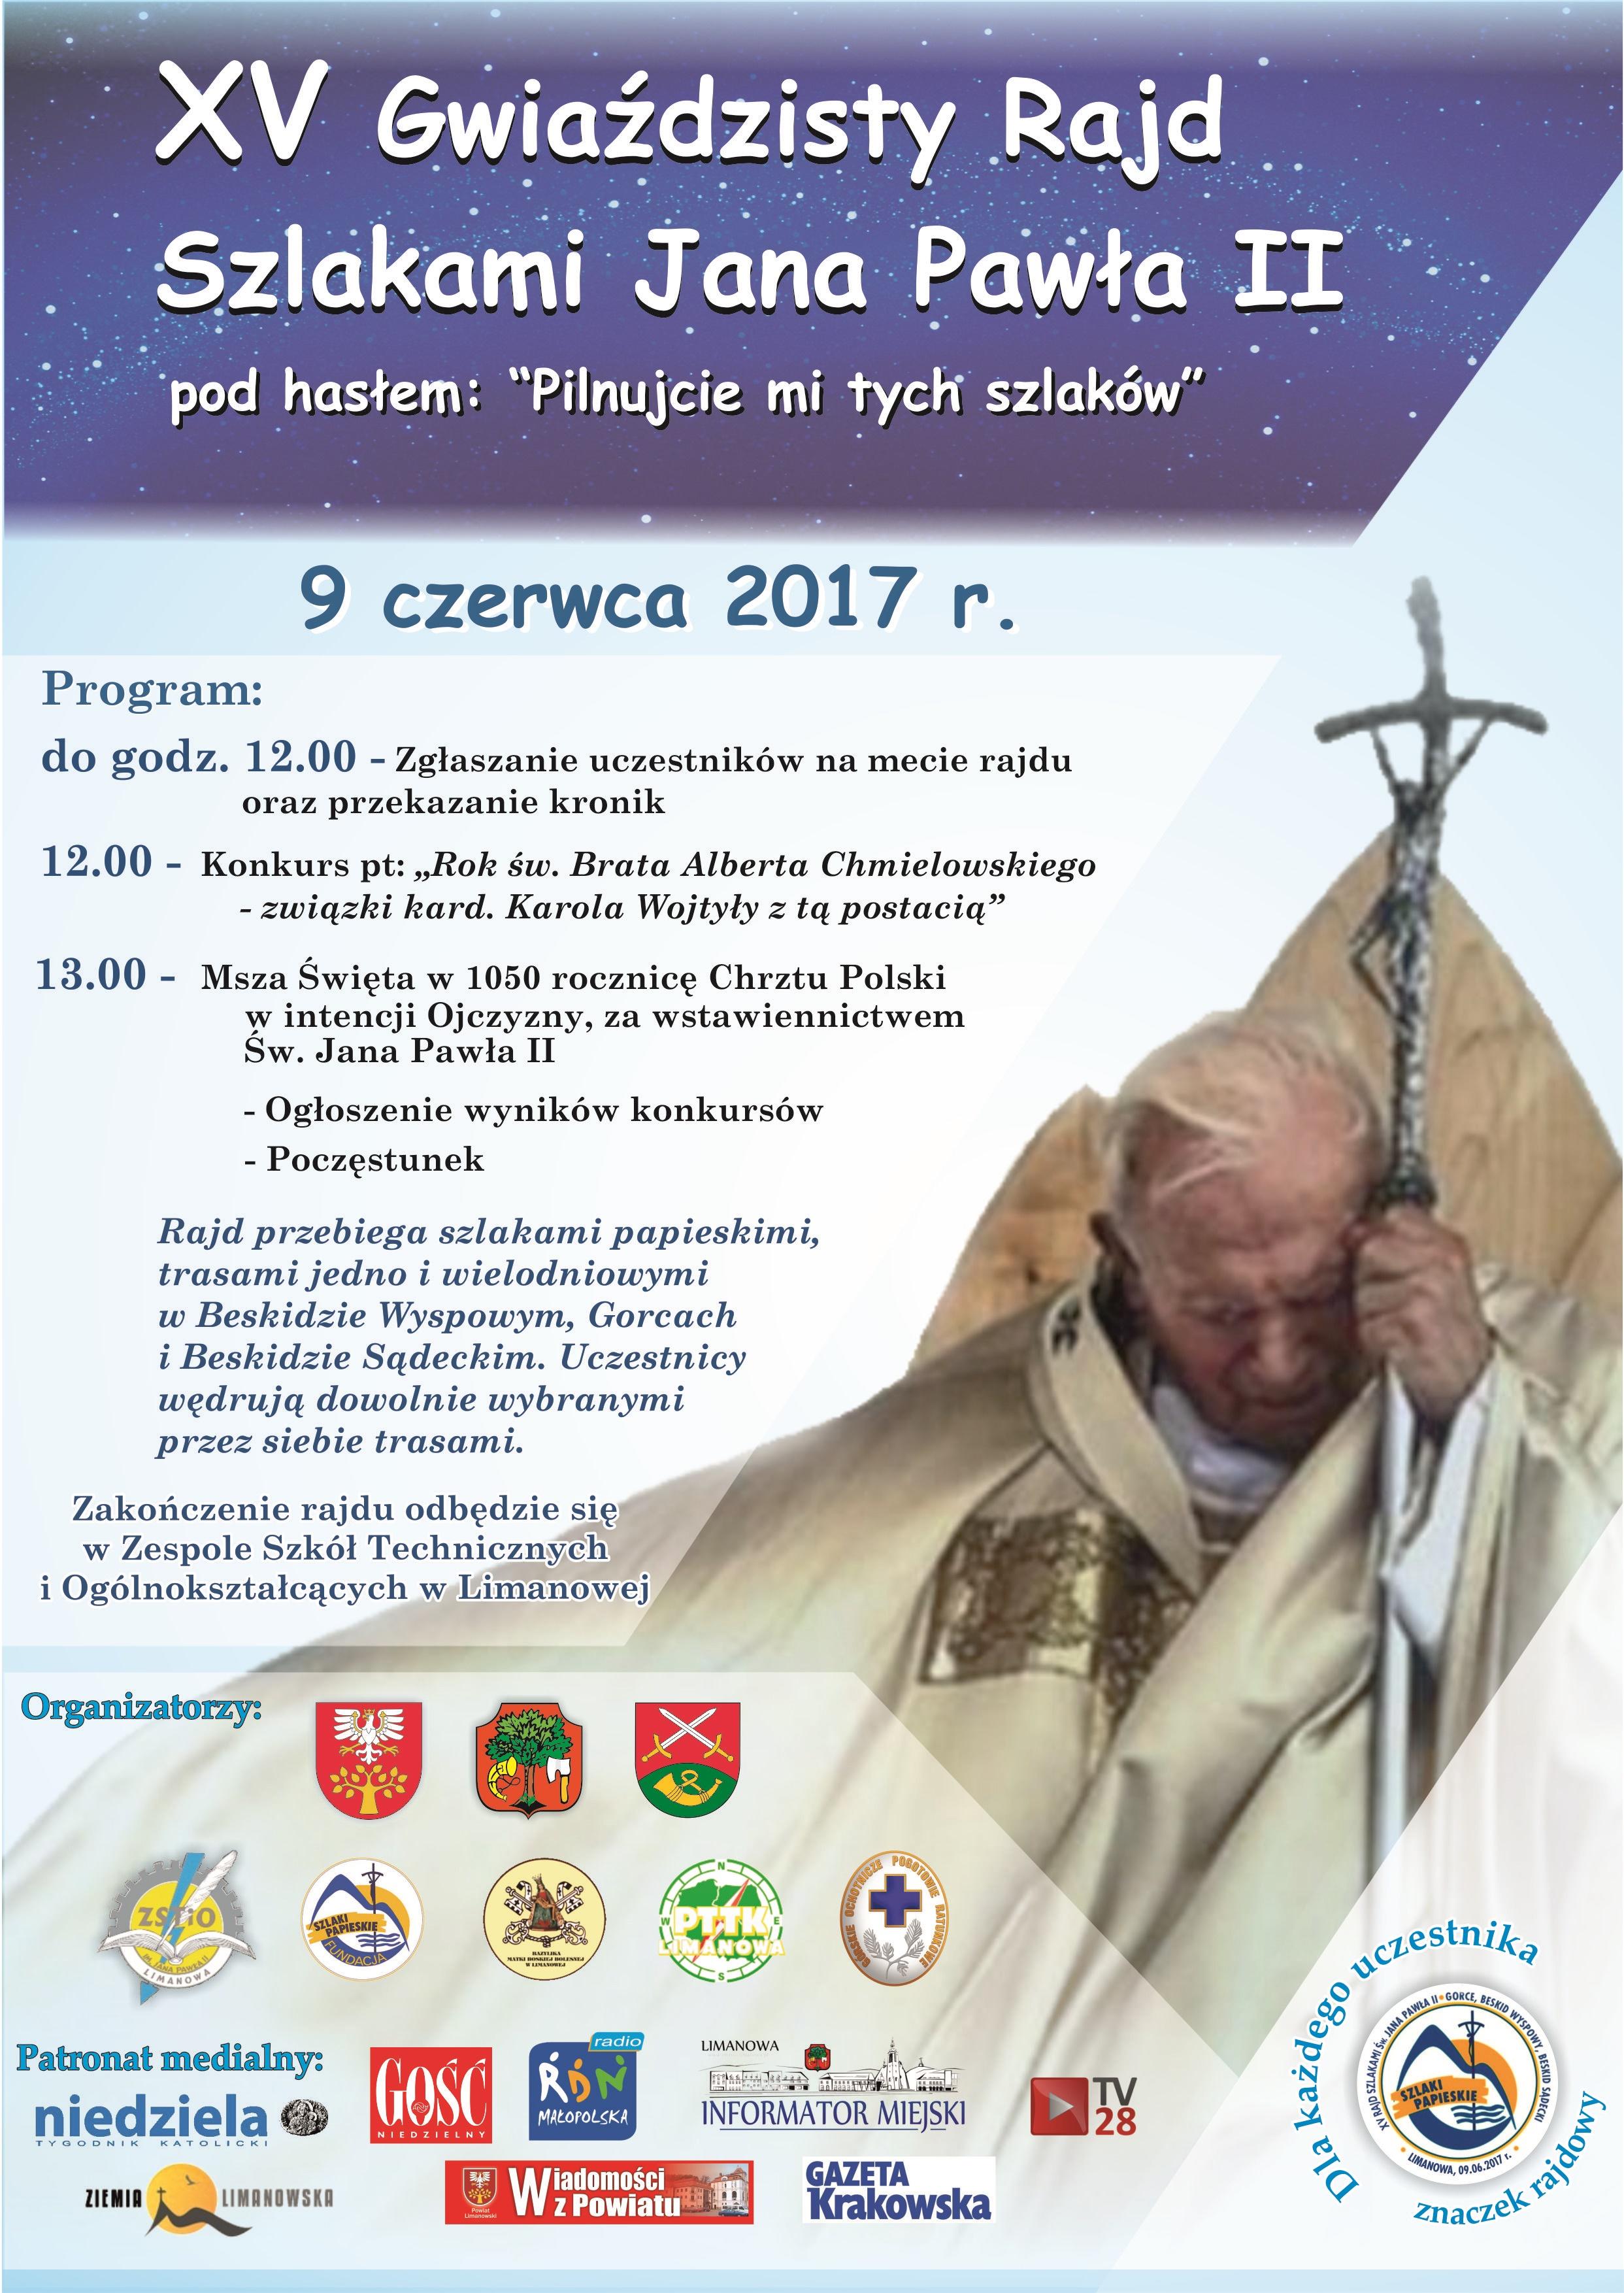 plakat-rajd-gwiazdzisty_2017_aktualne-1